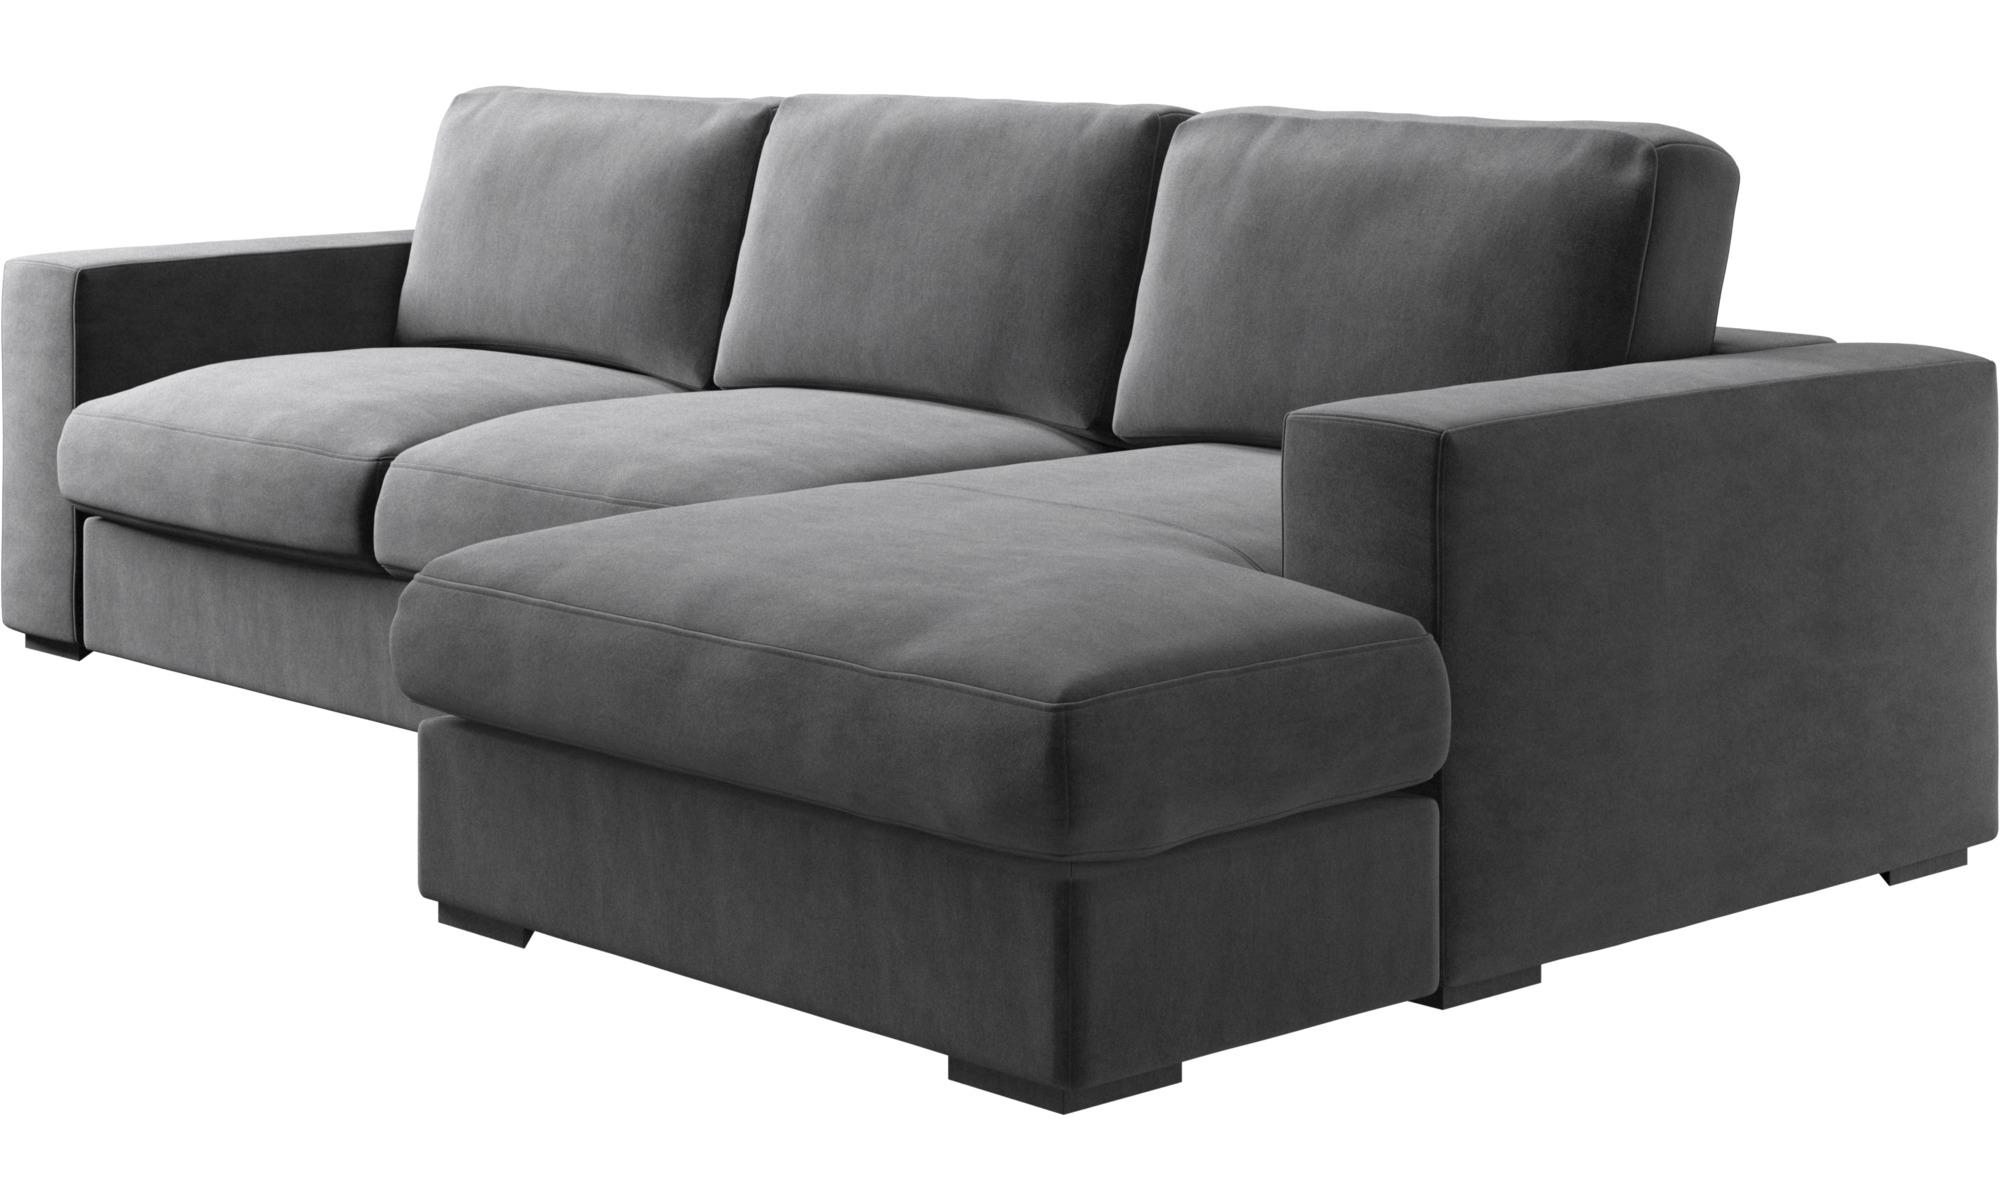 Longue Canapé Canapés Avec Chaise Cenova QhrdsCtx